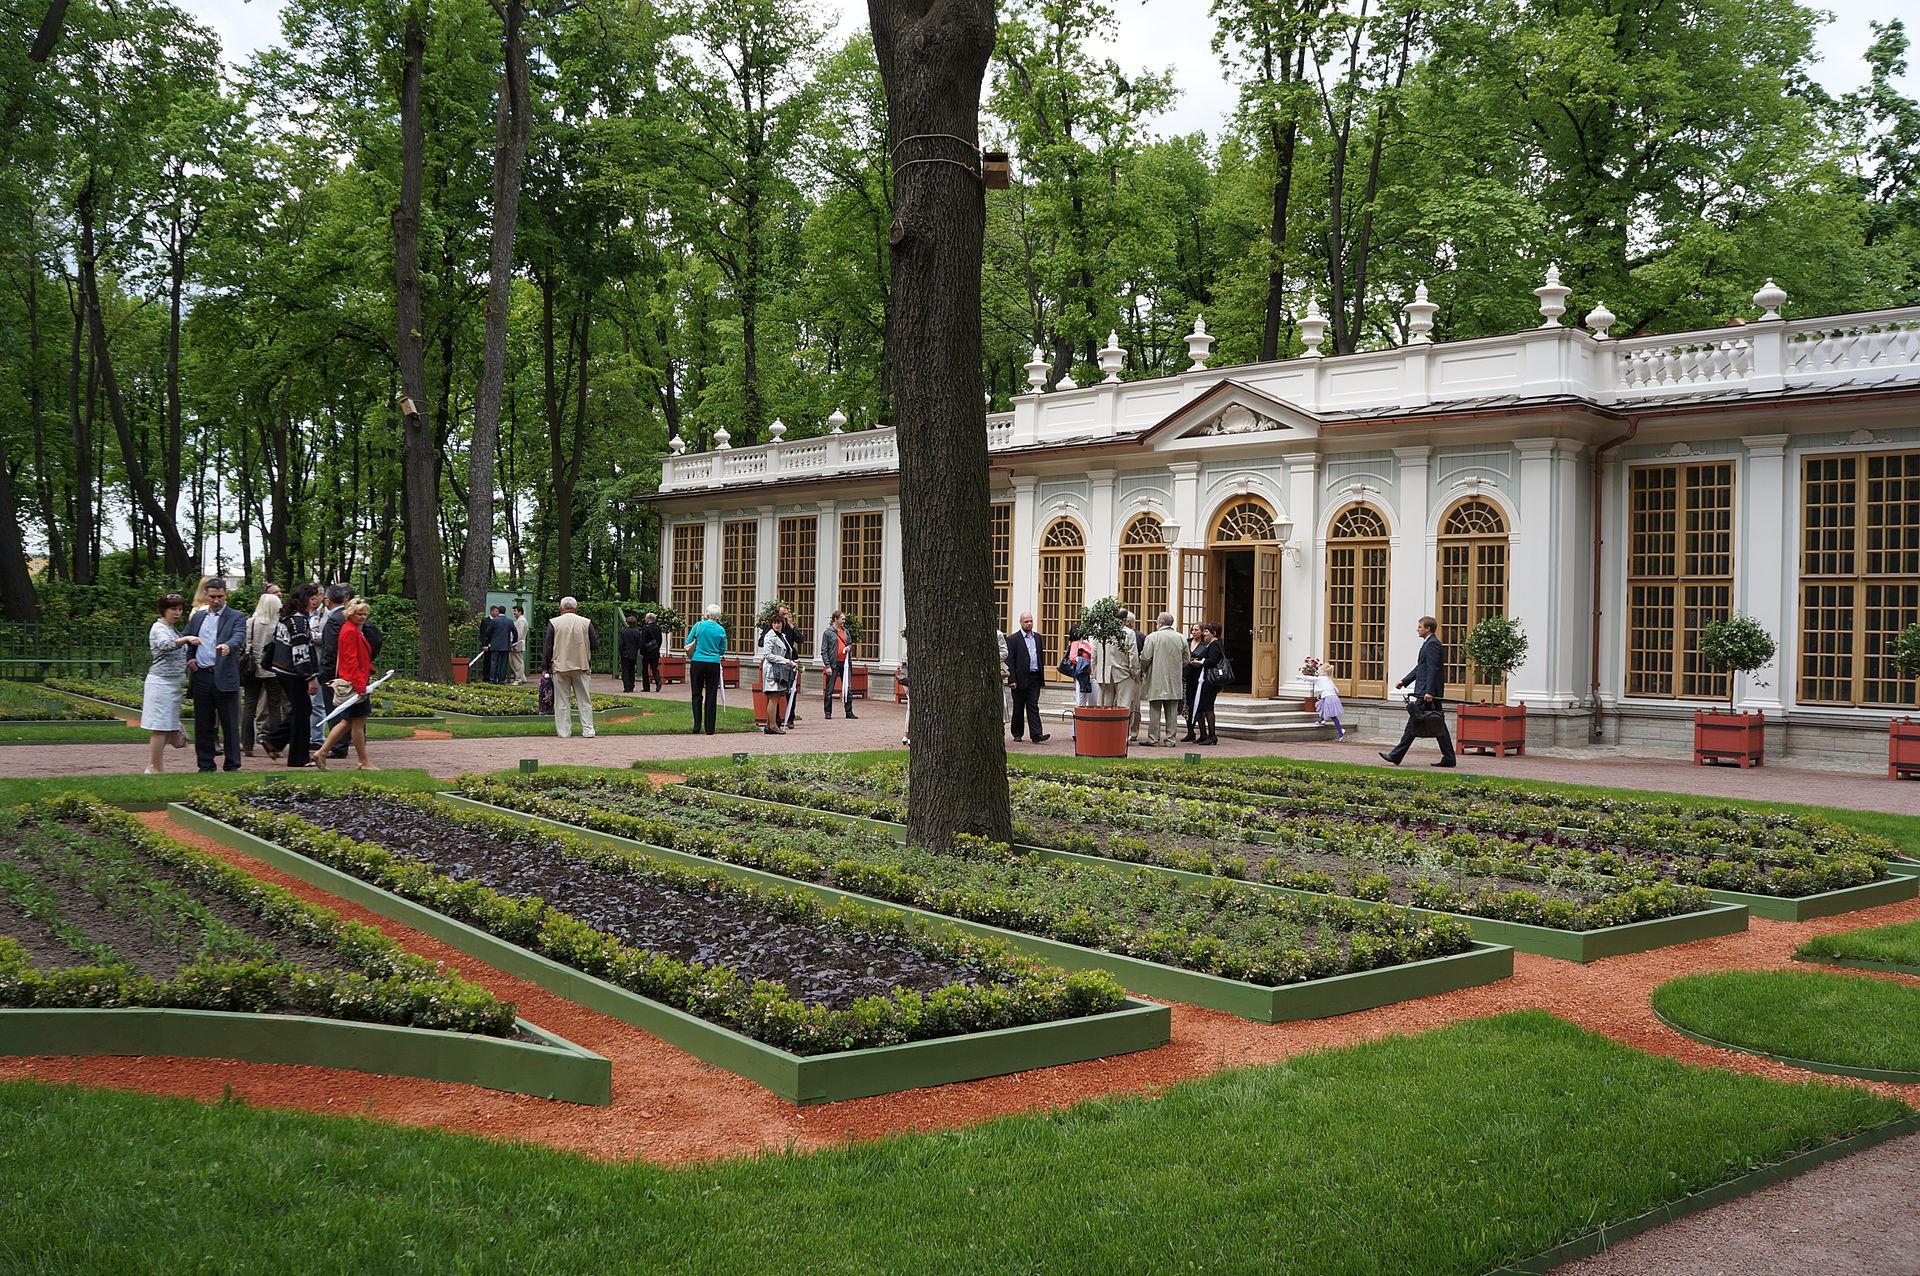 """Летний сад. Павильон """"Малая оранжерея"""". Фото 2012 года. Автор фото: Евгений Со (Wikimedia Commons)"""